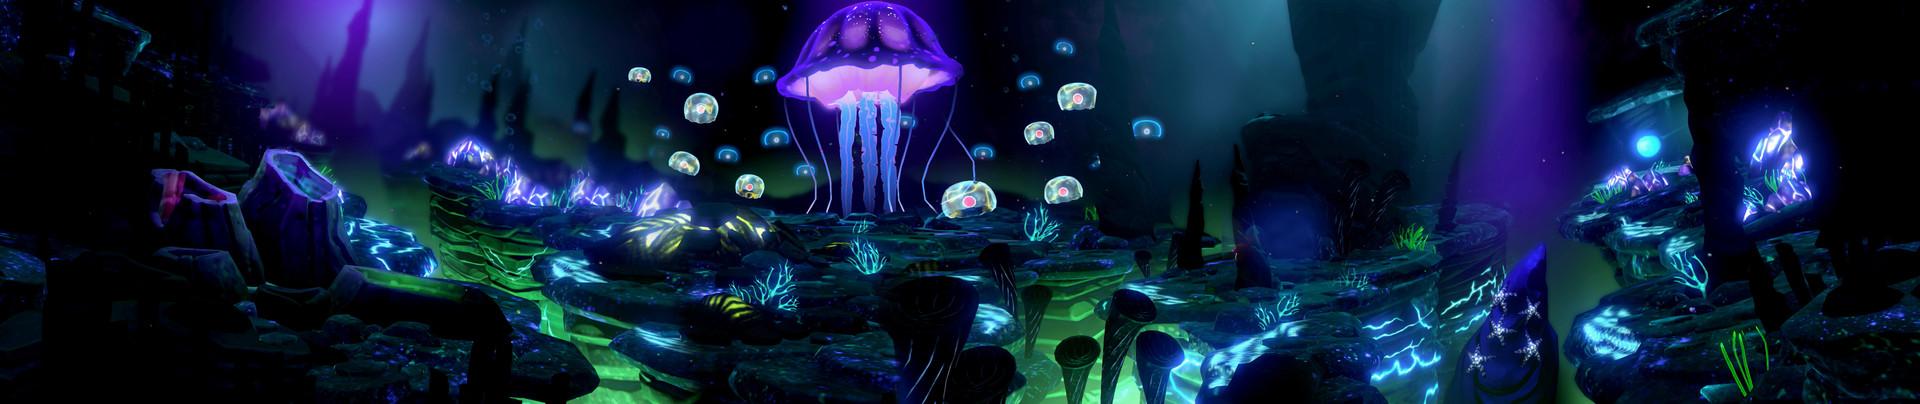 Shawn witt underwater 02